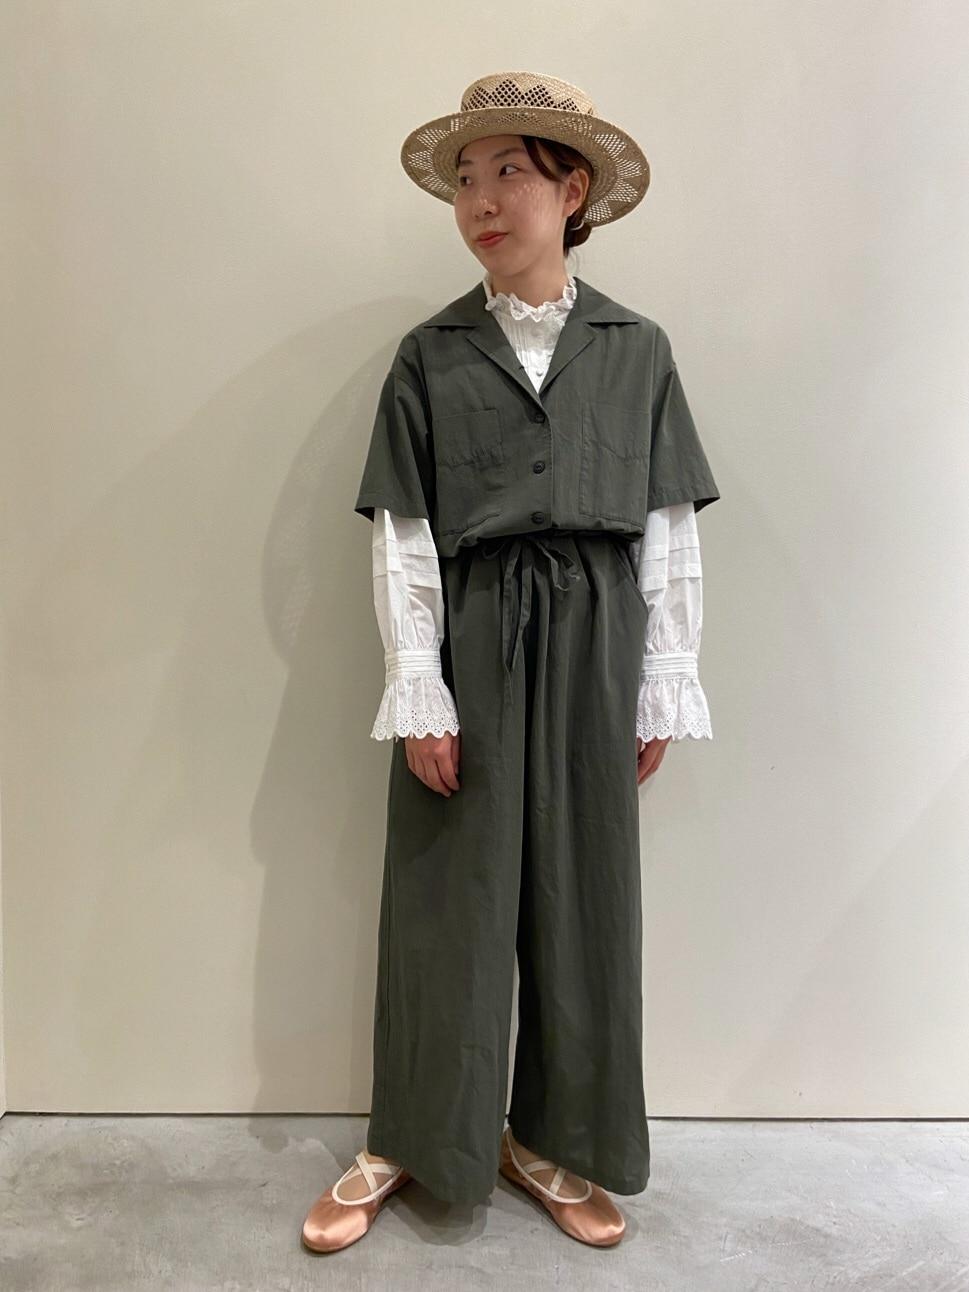 - CHILD WOMAN CHILD WOMAN , PAR ICI 新宿ミロード 身長:159cm 2021.05.11